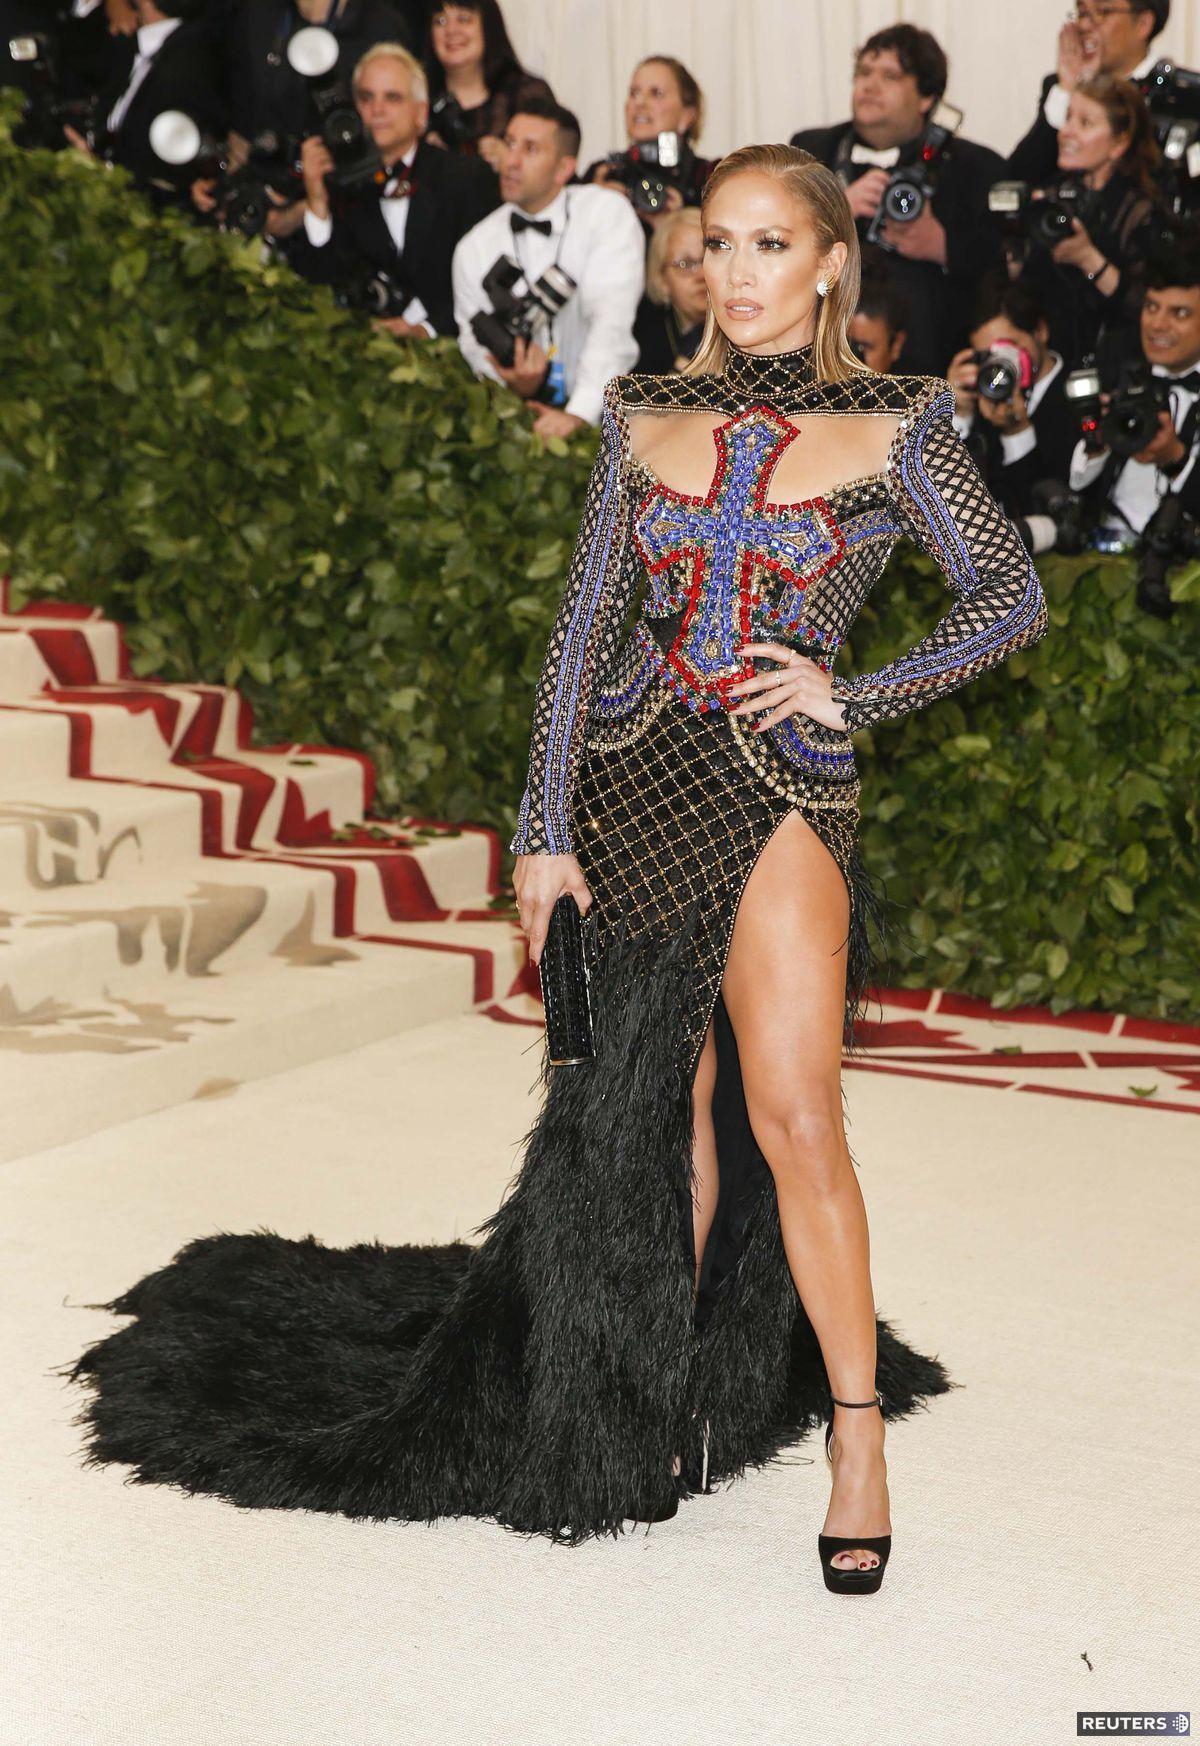 Speváčka a herečka Jennifer Lopez v kreácii...